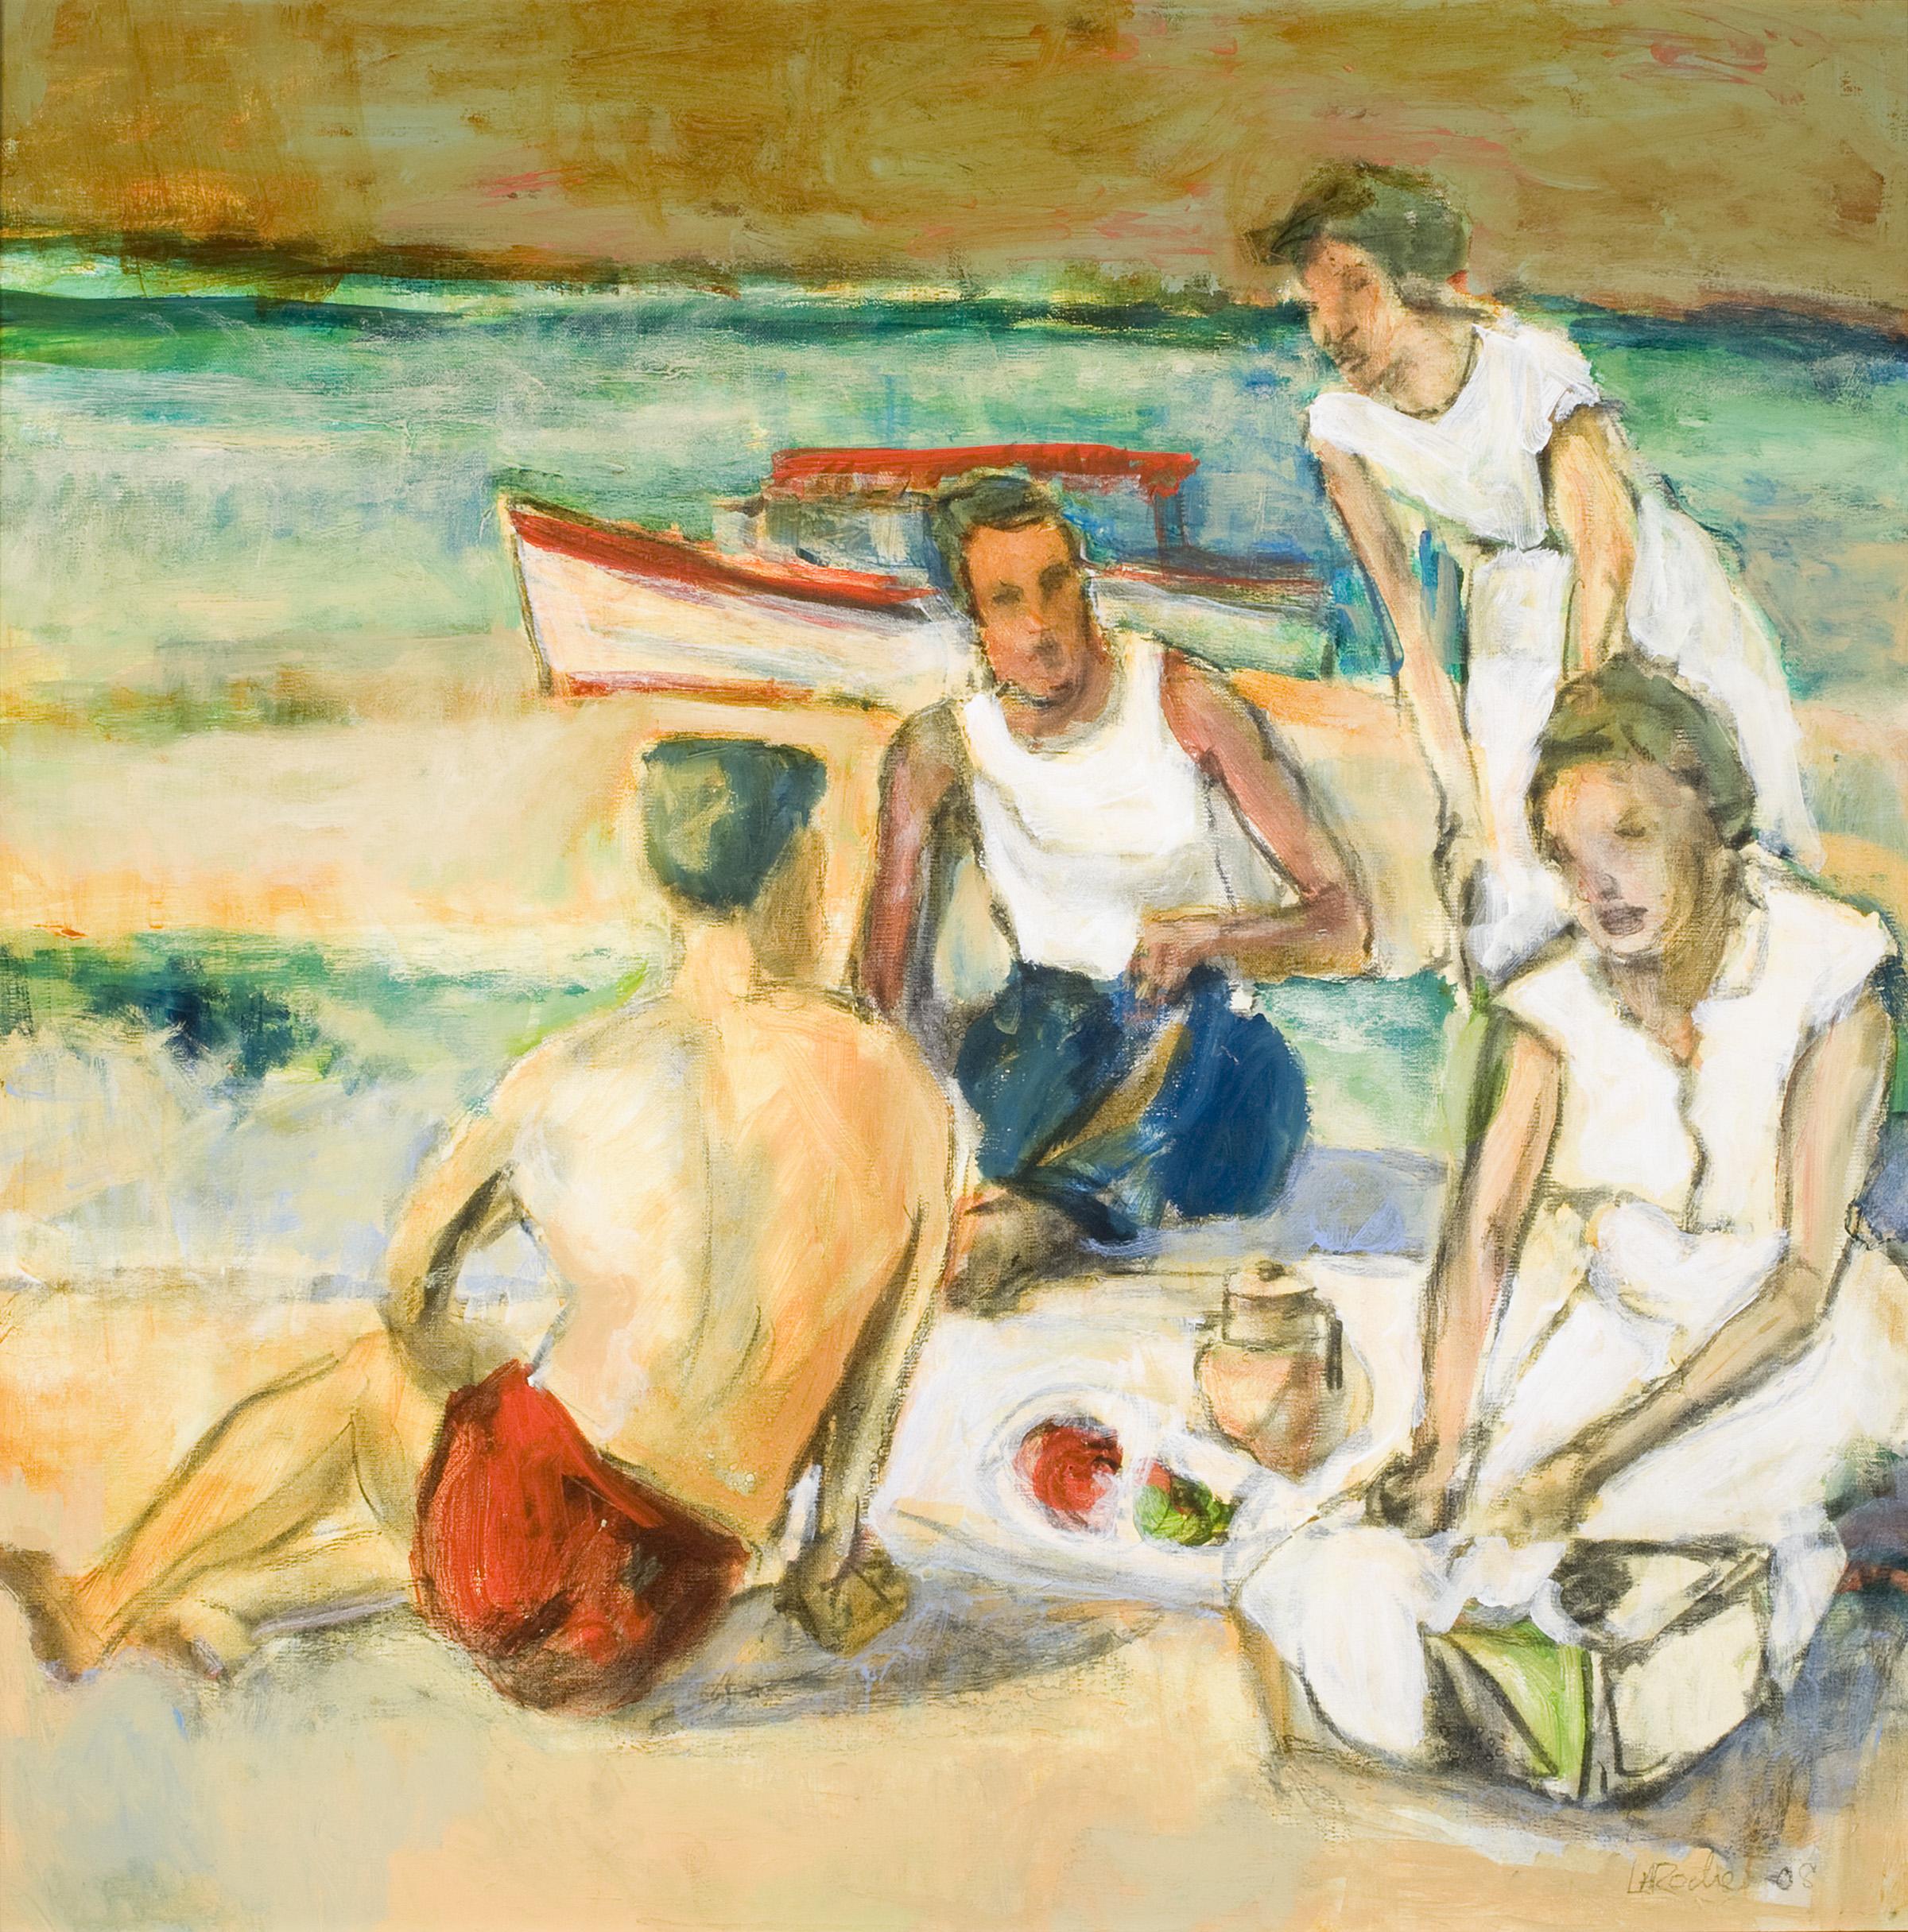 Tybee picnic